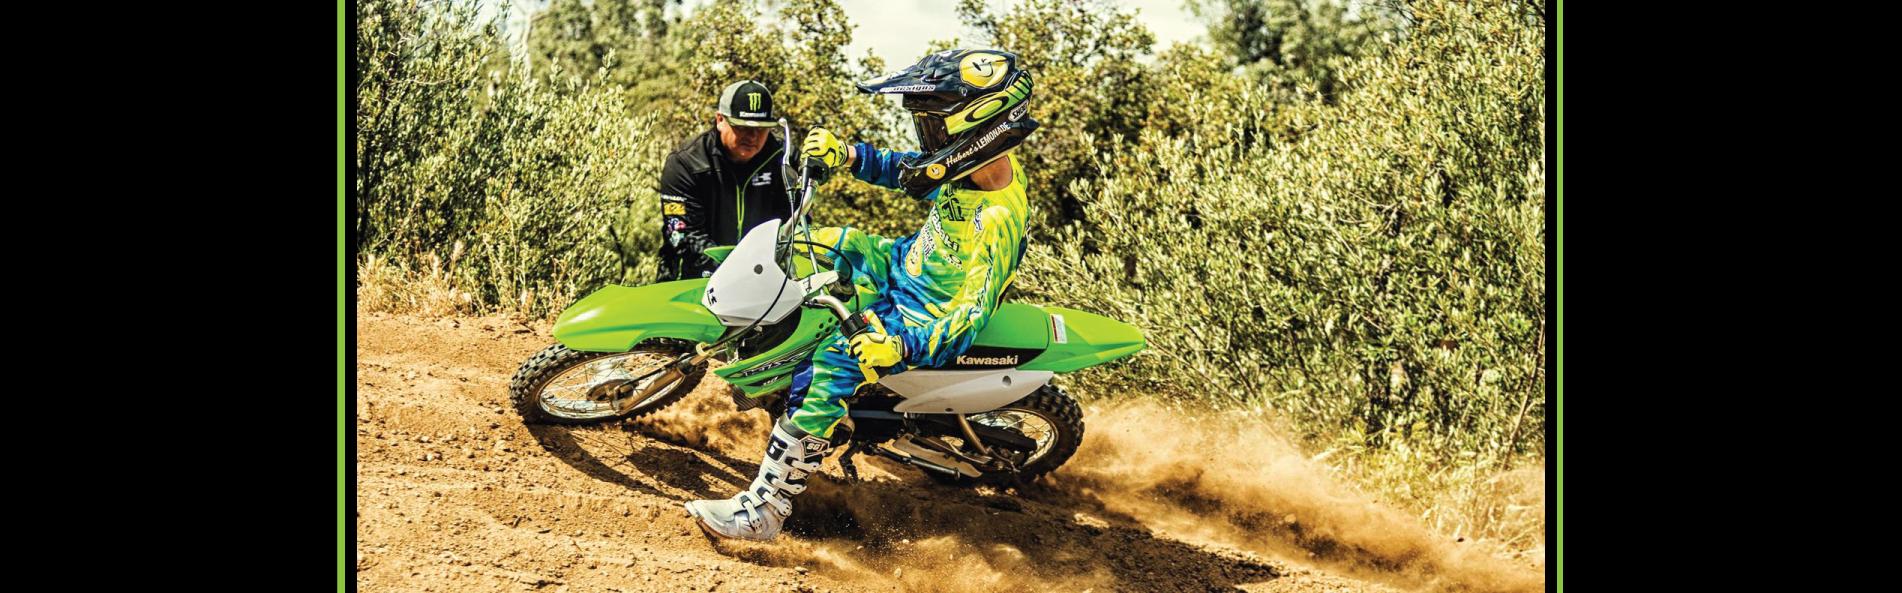 DK Off Road - Kawasaki and Husqvarna Motorcross and Enduro